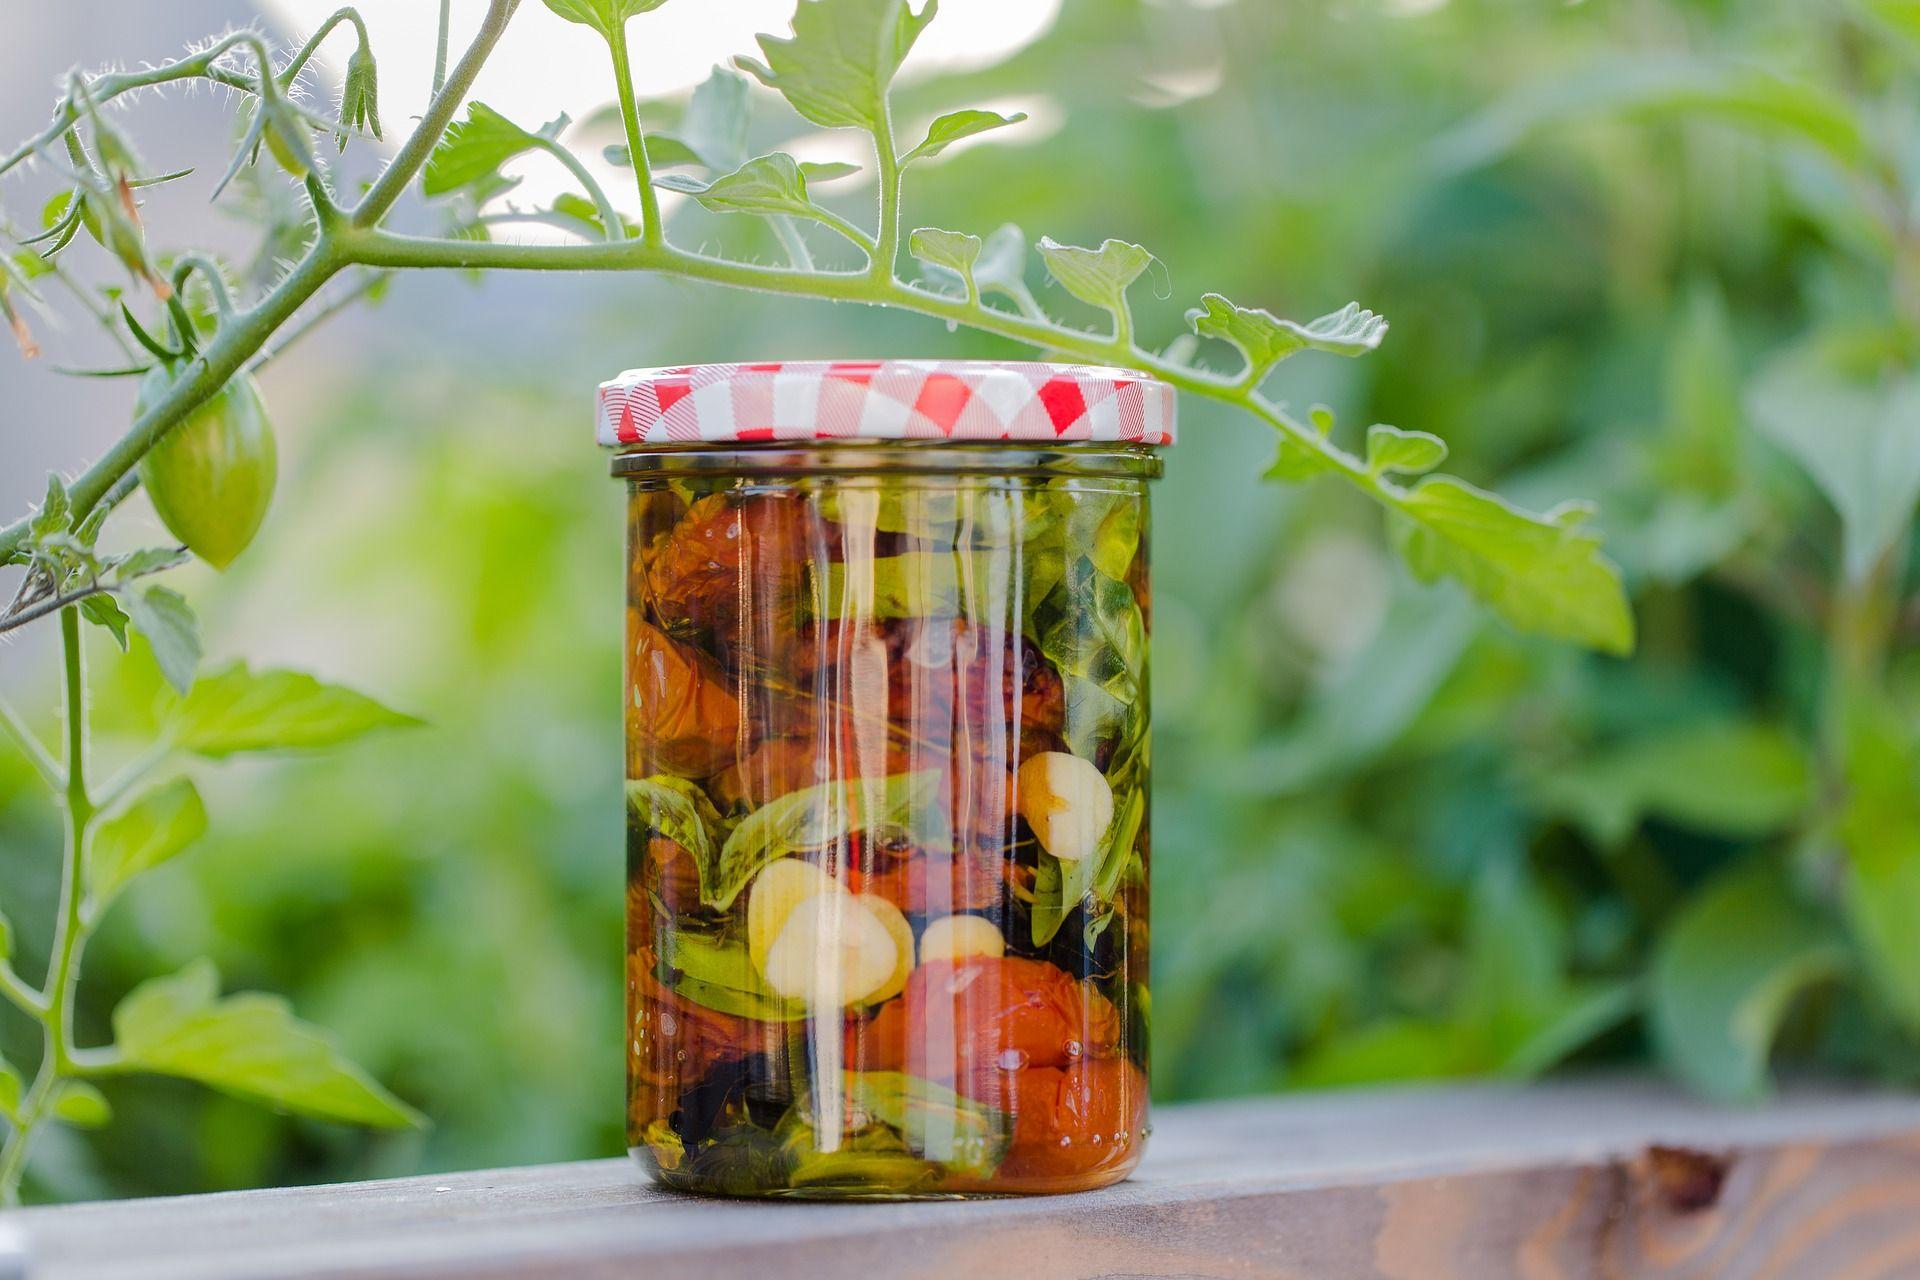 Krema soslu reçete diyet yemekleri ve sebze: kızarmış domates ile kabak pişirmeye nasıl lezzetli